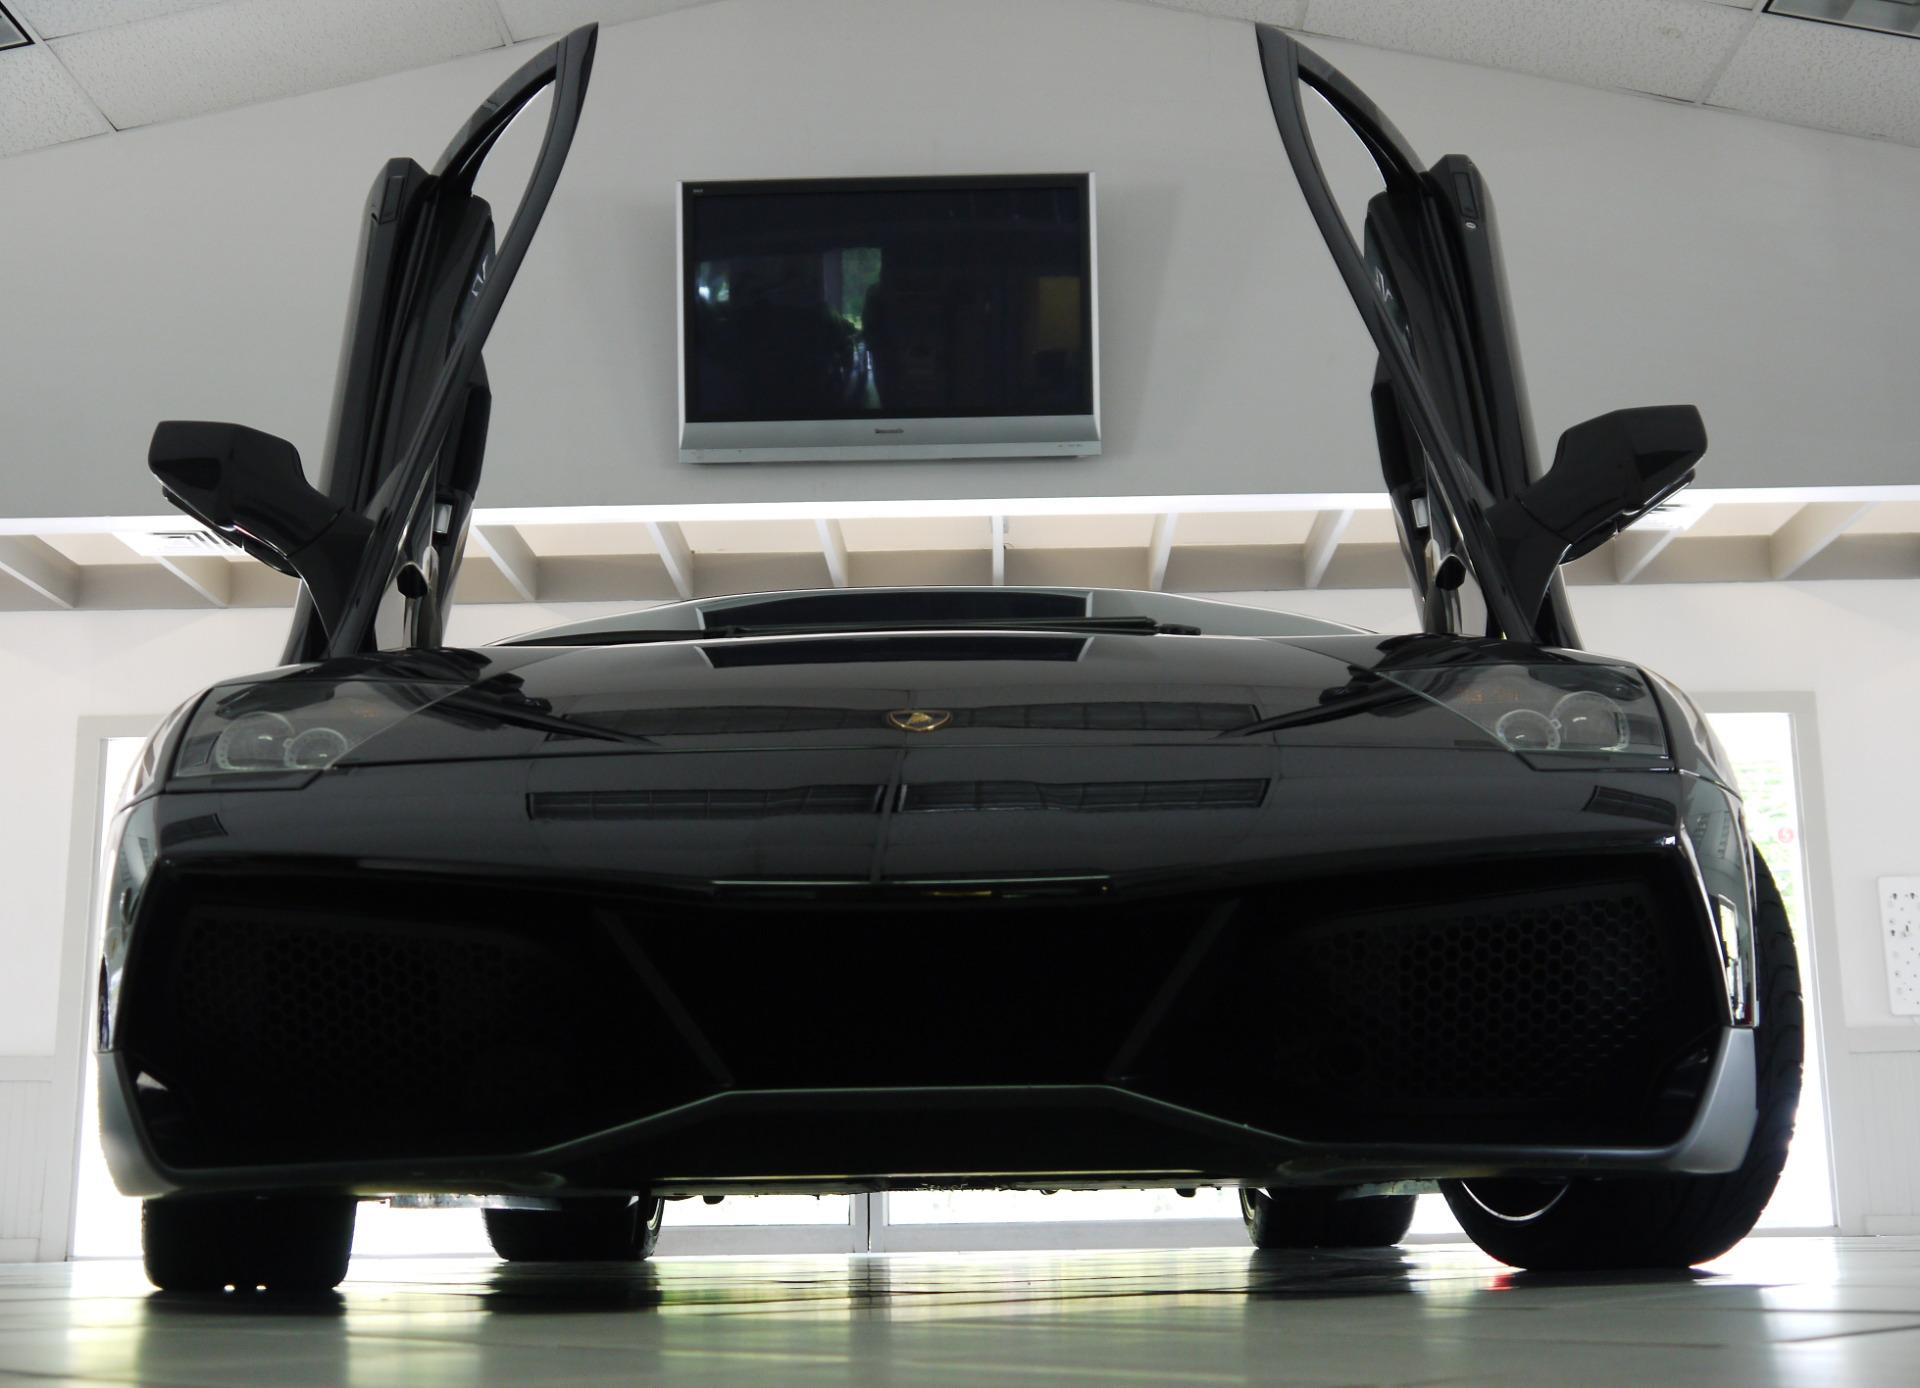 Used 2010 Lamborghini Murcielago Lp670 4 Sv Marietta Ga